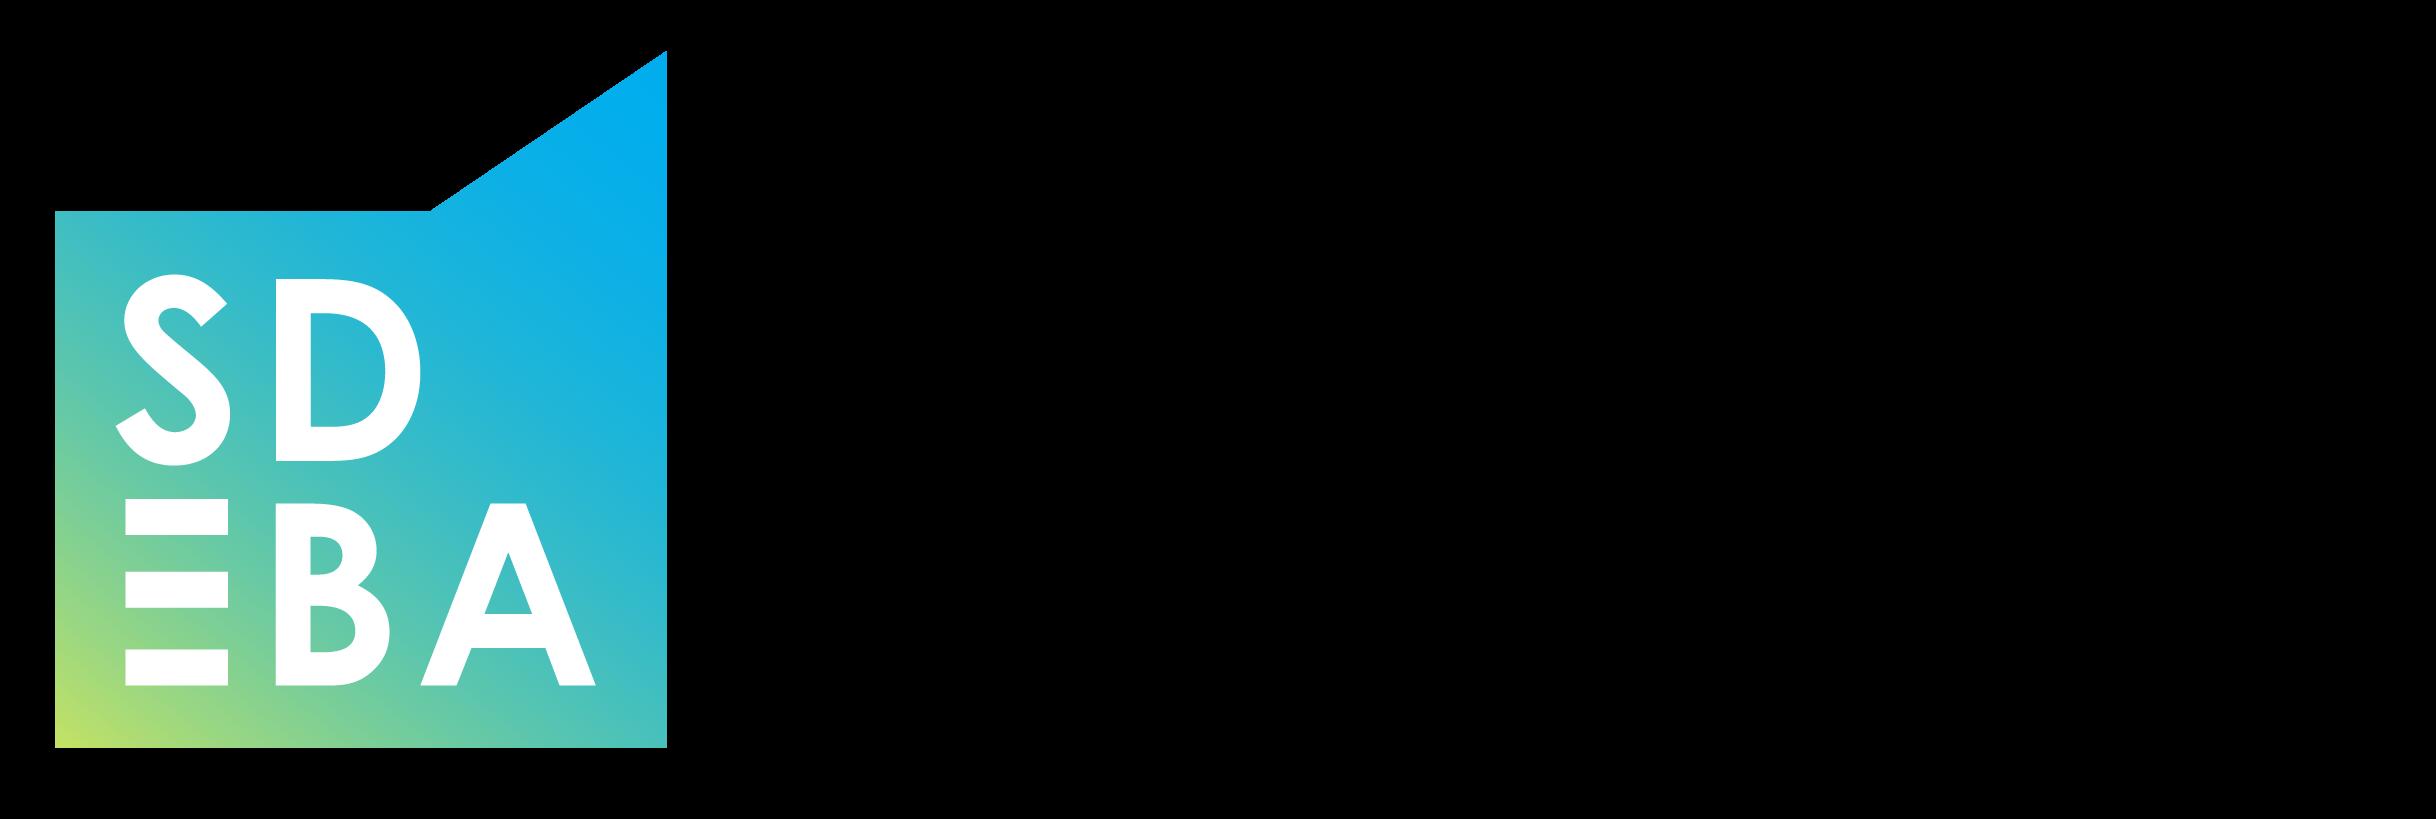 SDEBA logo